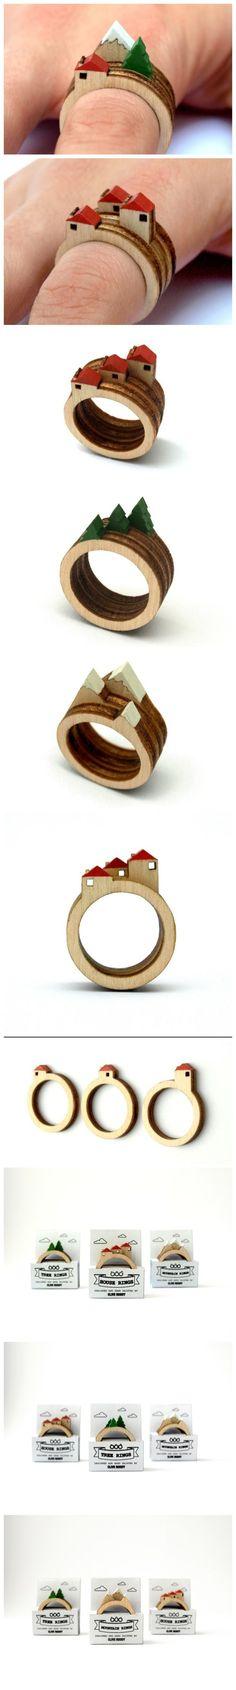 英国Etsy卖家 Clive Roddy 手工制作的袖珍景色戒指,萌死了。作者的etsy店铺:http://t.cn/zTvSukX 还有好多别的好玩的小东西哦~ via: @意匠id